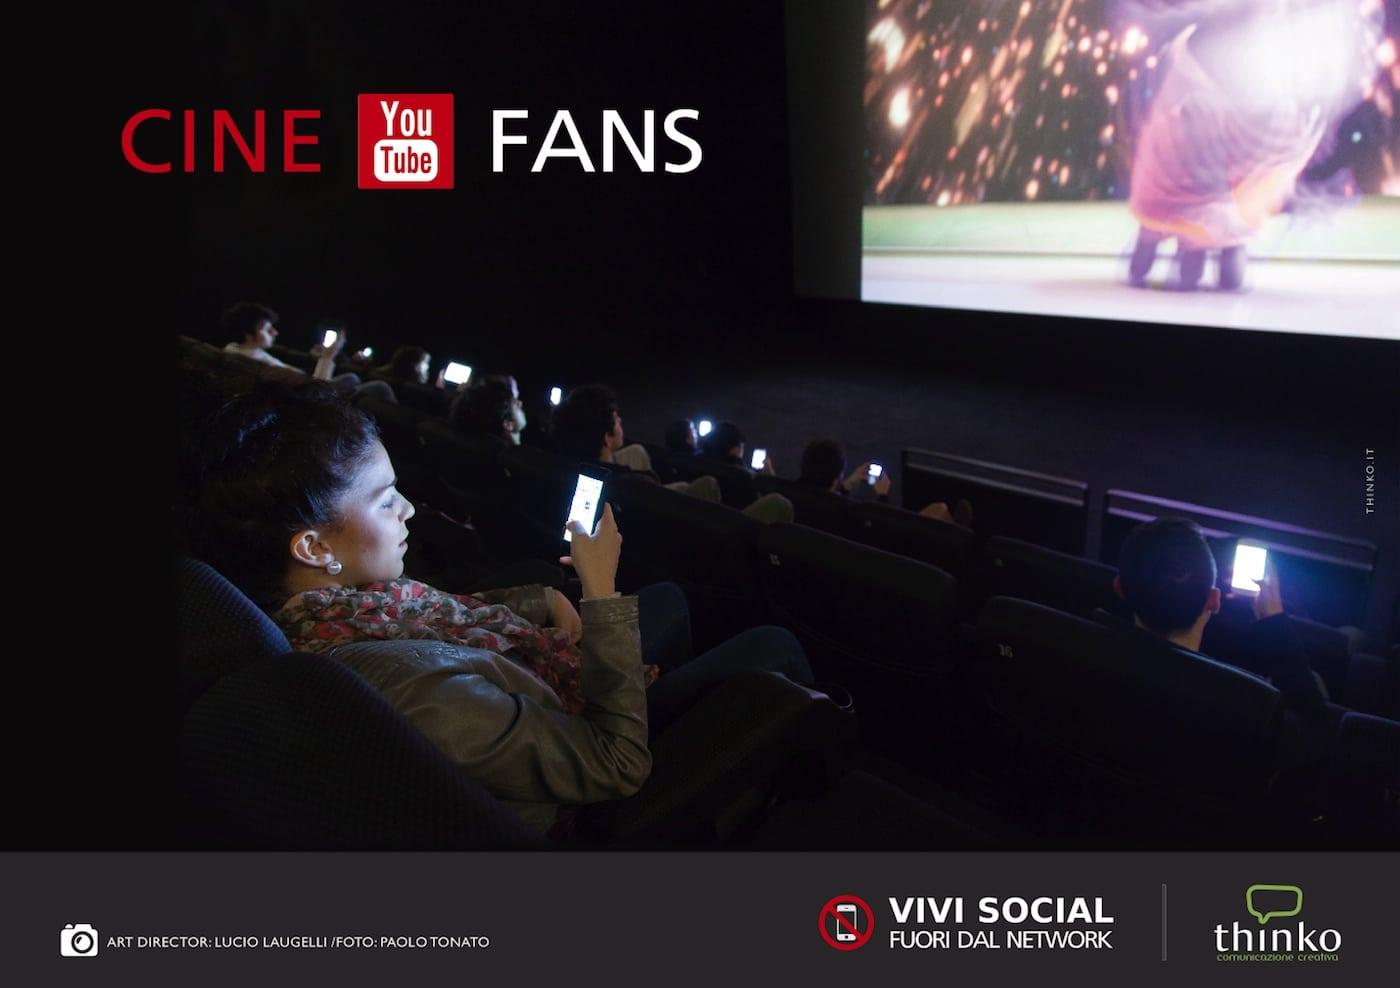 L'uso di smartphone al cinema